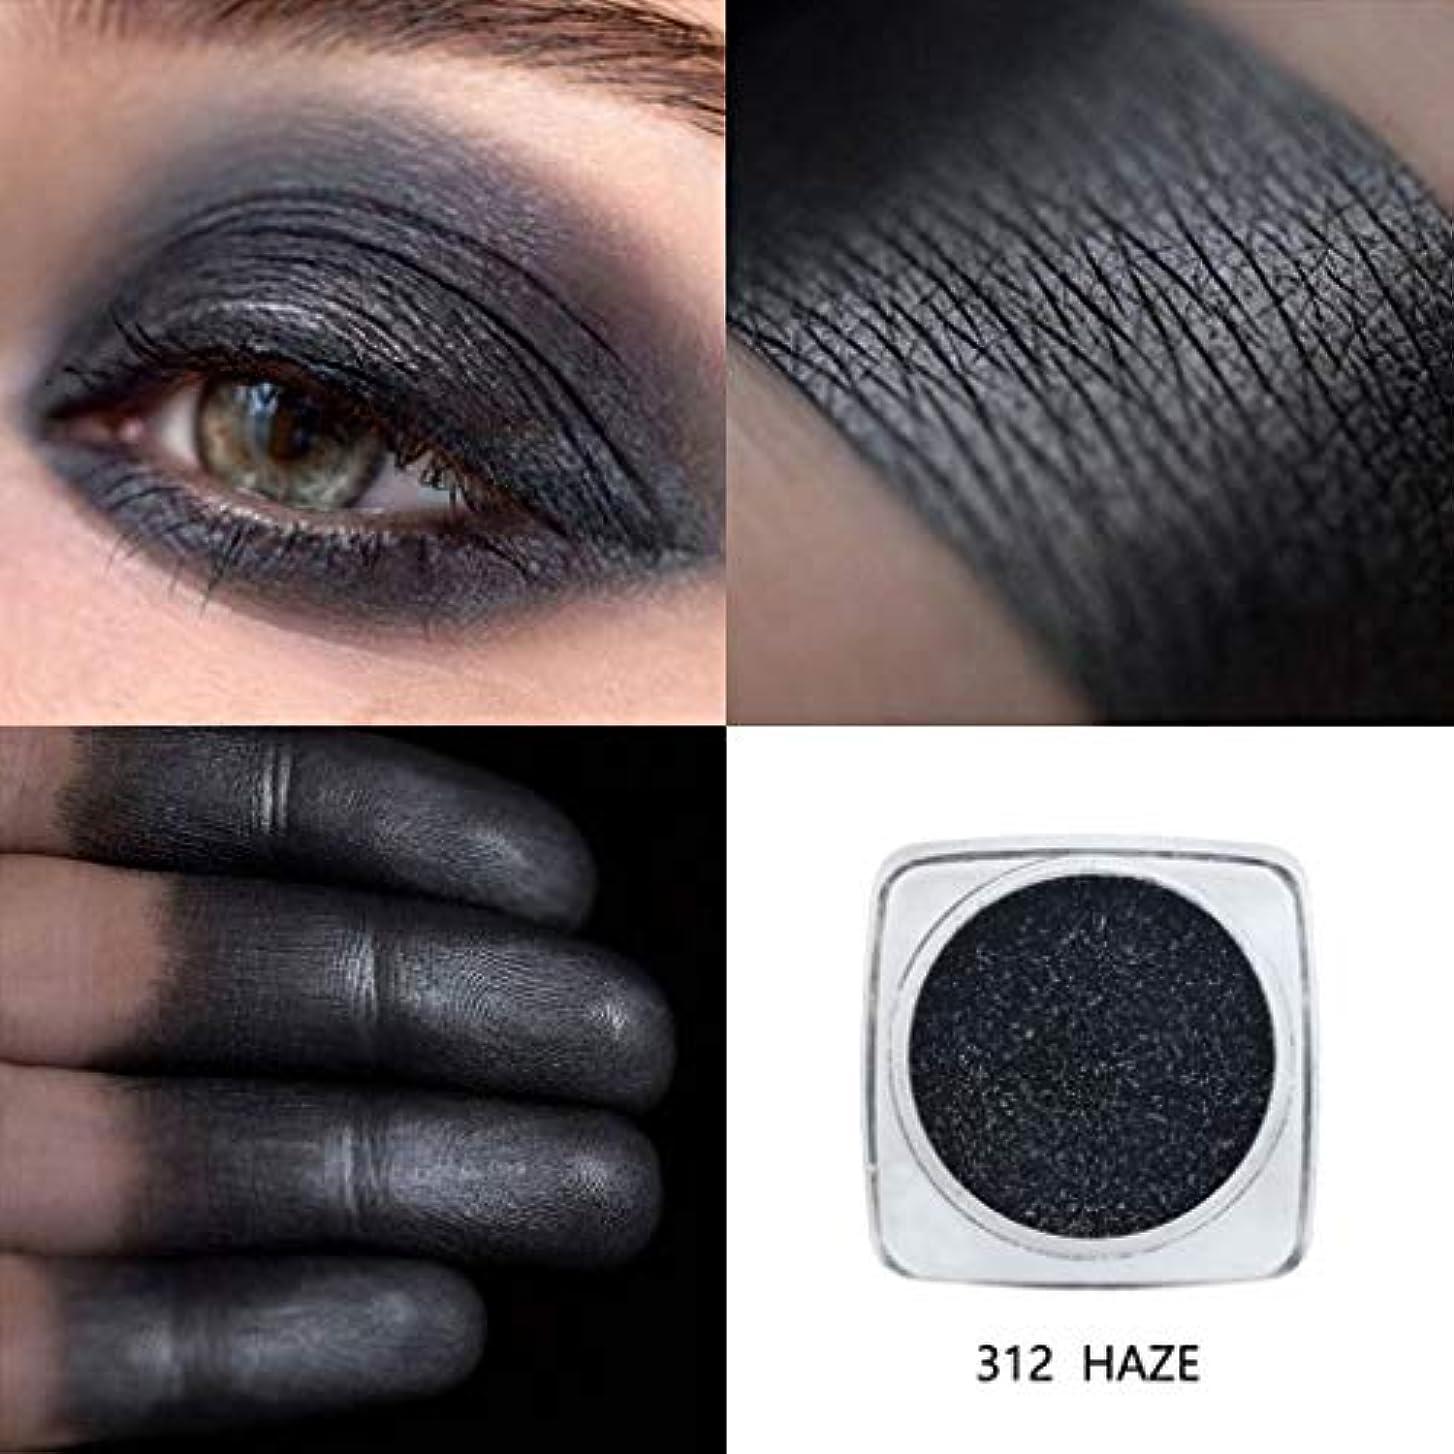 折る聖書噂Akane アイシャドウパレット PHOERA ファッション 美しい 魅力的 キラキラ ひとつだけ 高級 単なる 綺麗 素敵 持ち便利 日常 Eye Shadow (12色)